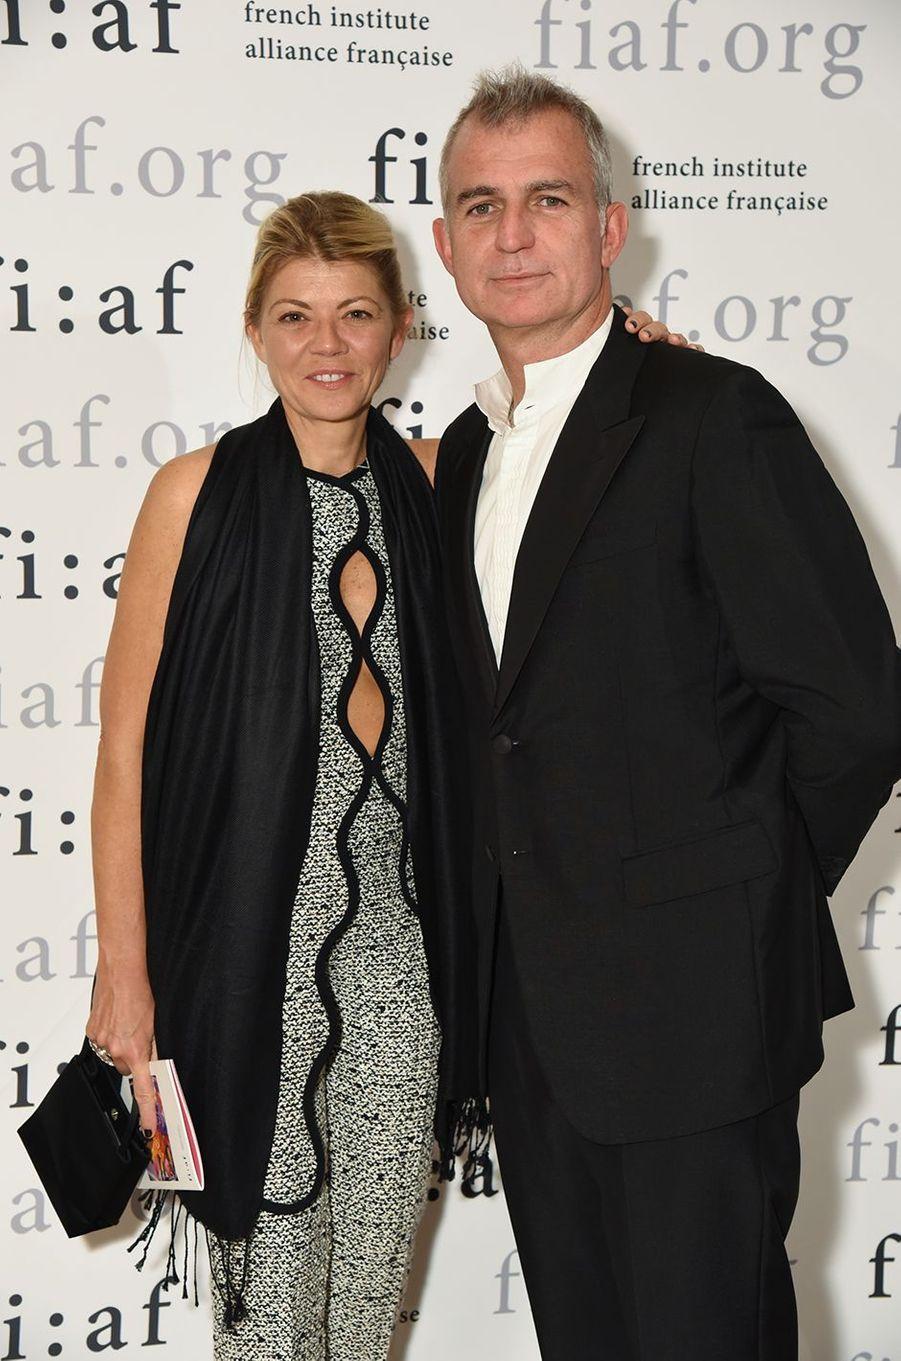 Virginie Morgon, vice-présidente d'Eurazeo, et Marc Abelin.